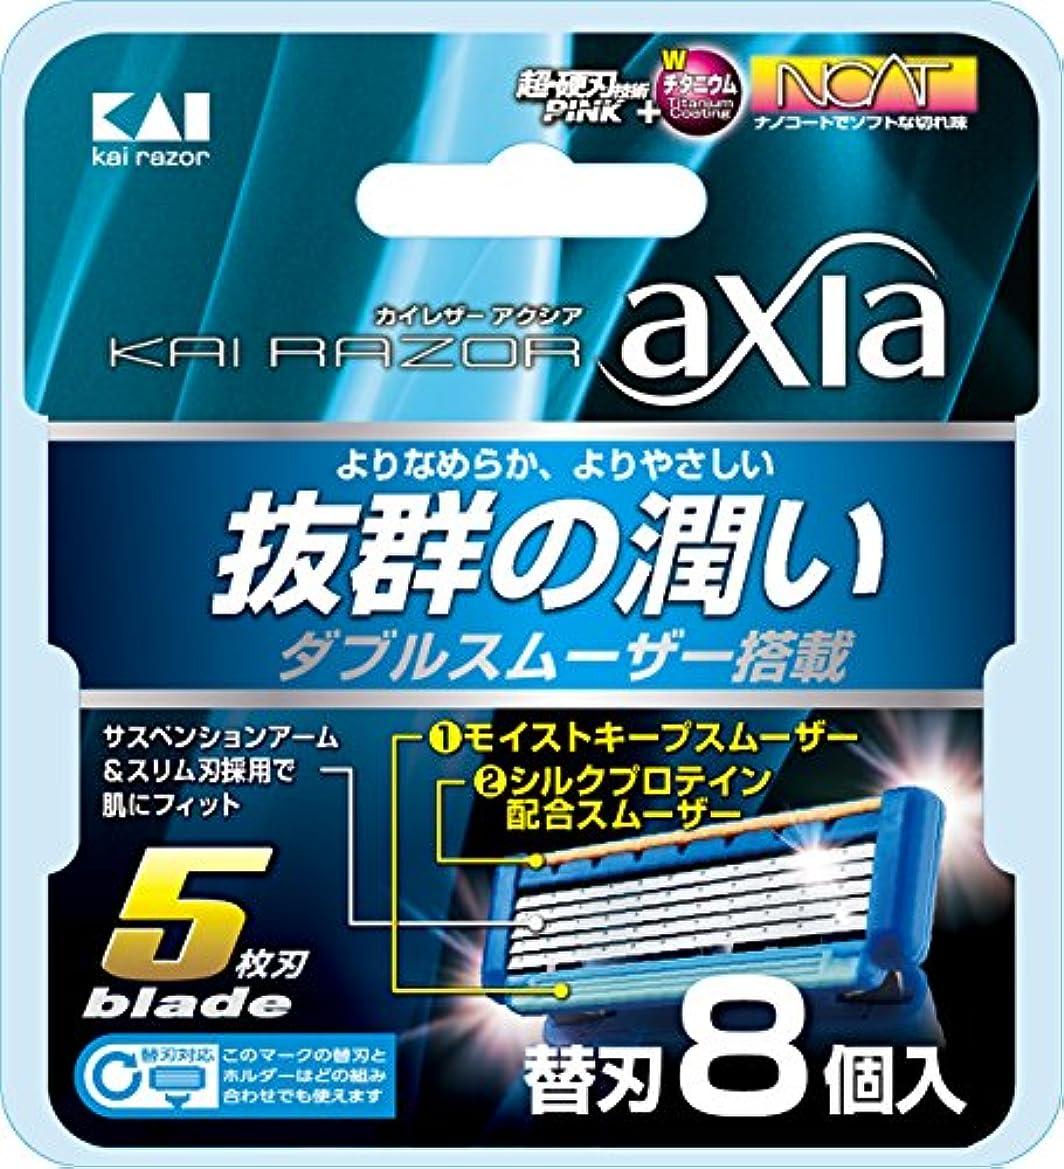 ゆりかご製作蓄積するKAI RAZOR axia(カイ レザー アクシア)5枚刃 替刃 8個入